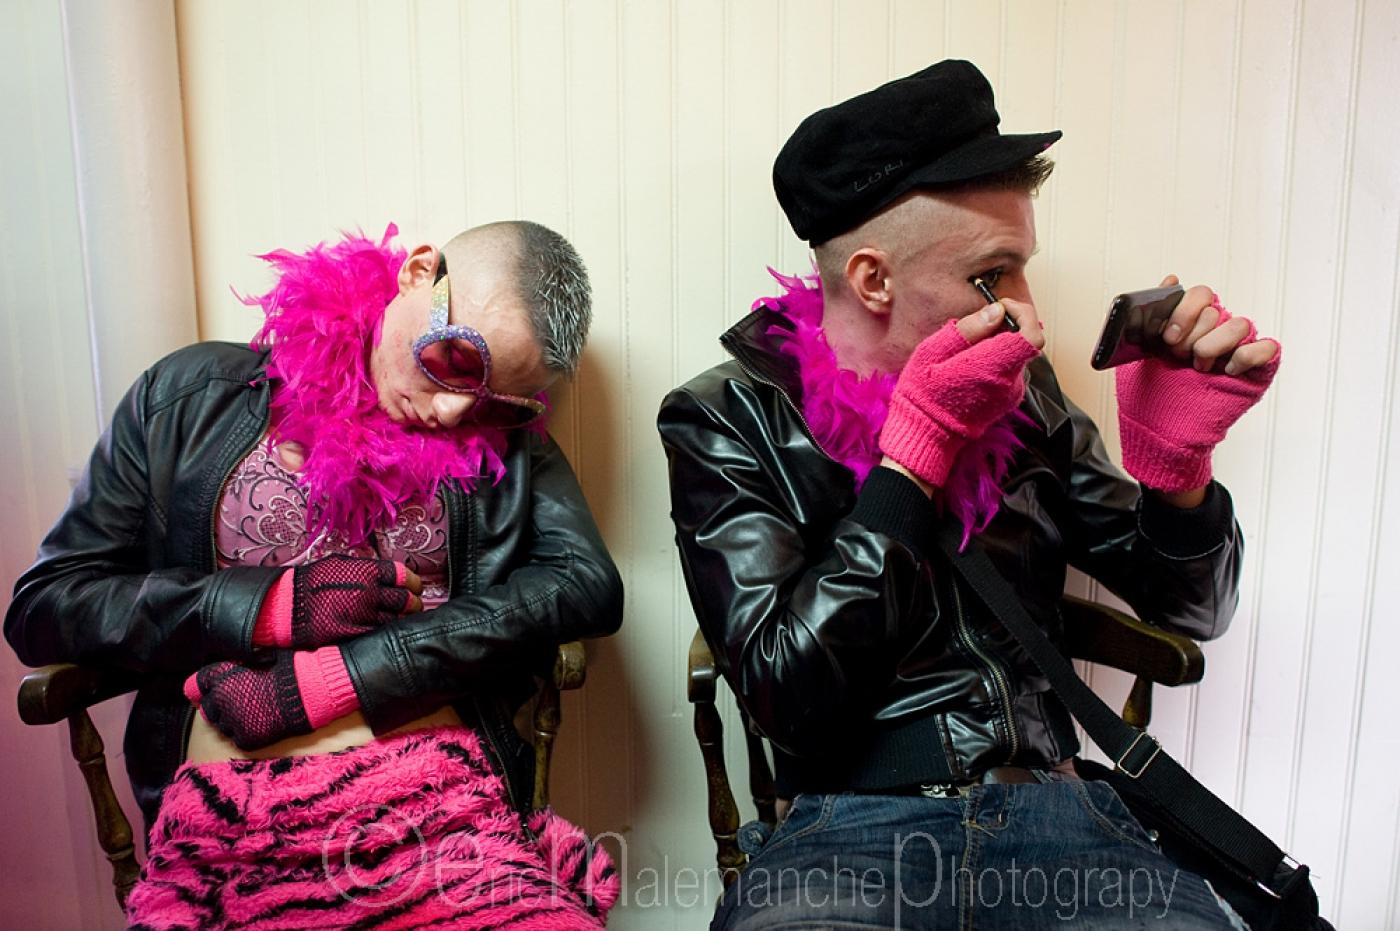 https://www.ericmalemanche.com/imagess/topics/carnaval-de-dunkerque/liste/Carnaval-Dunkerque-0370.jpg